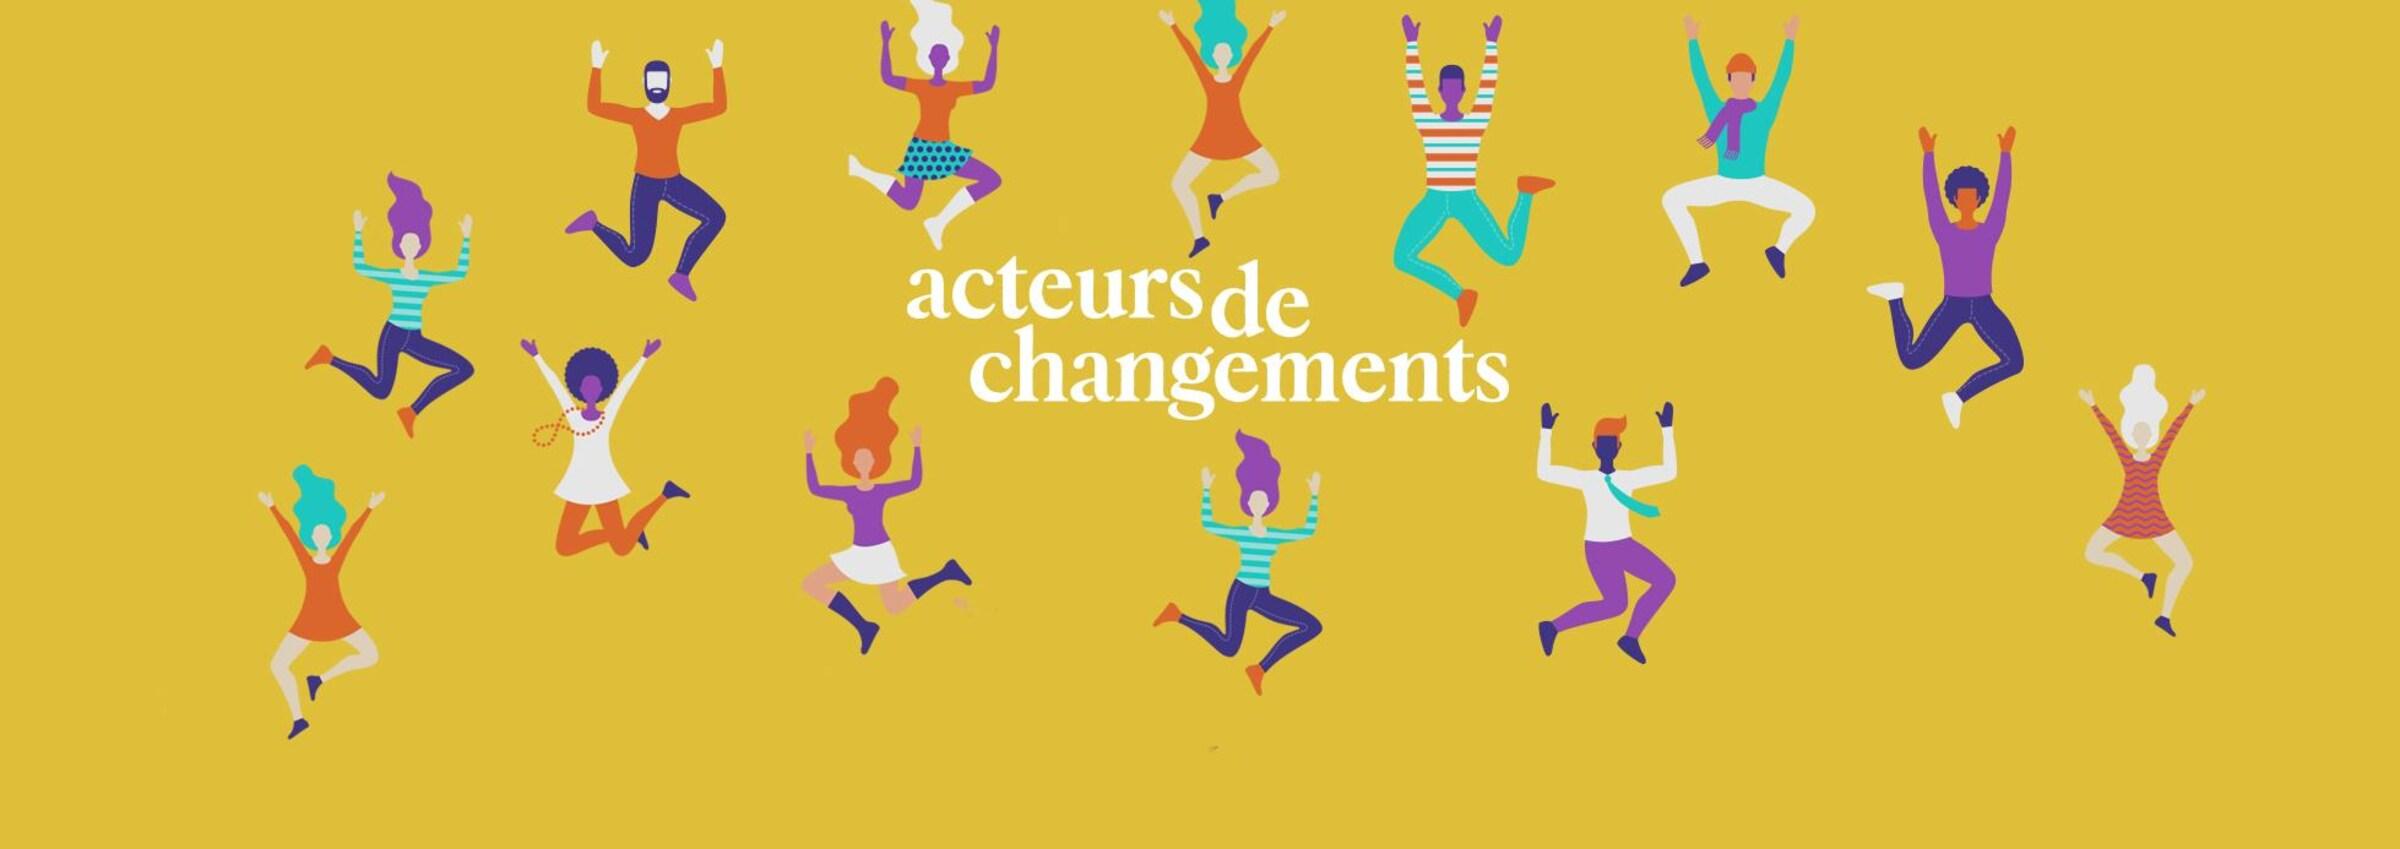 Acteurs de changements